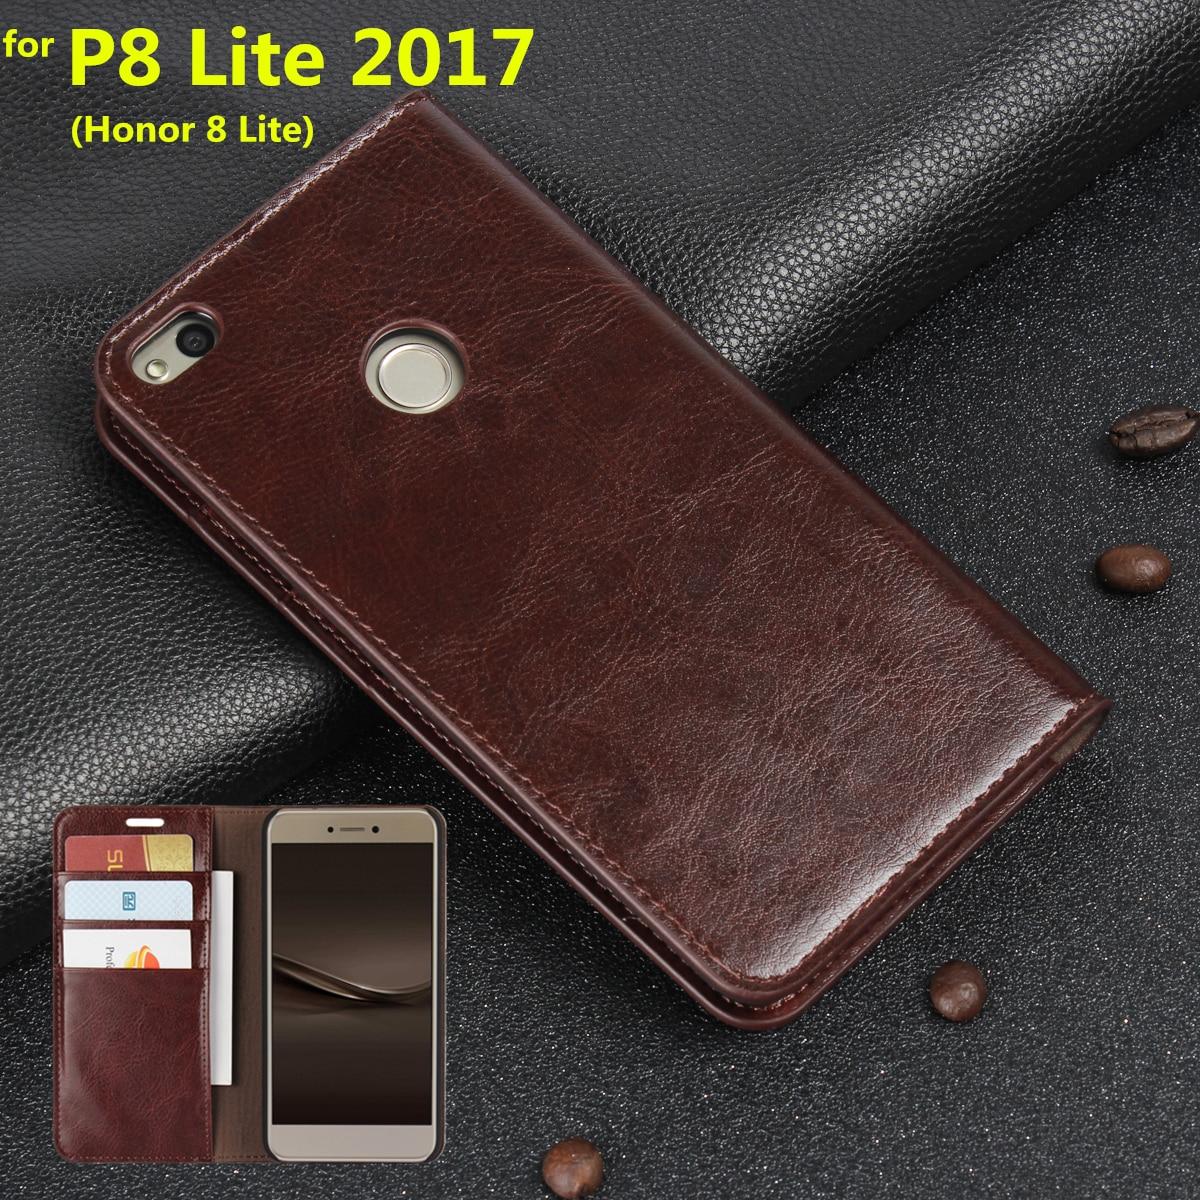 imágenes para De lujo Caja de la Carpeta Para Huawei Ascend P8 Lite 2017 premium Flip Cover Funda de cuero Bolsas Del Teléfono para Huawei Honor 8 Lite